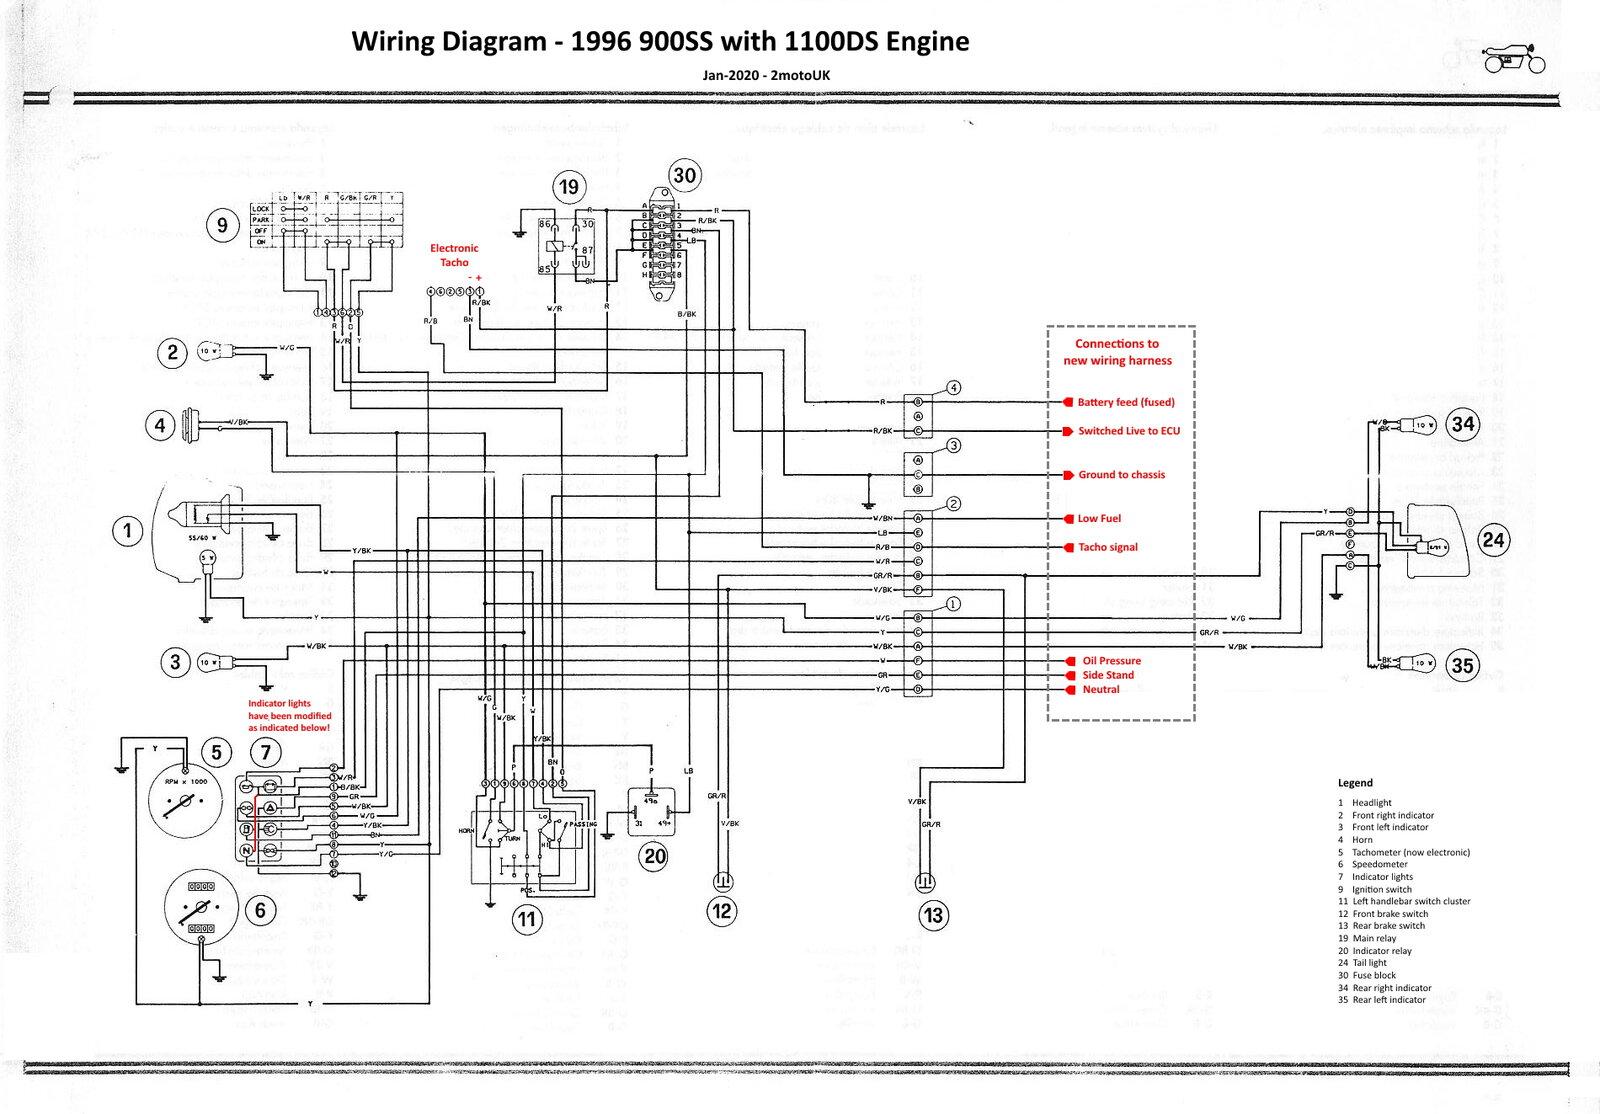 Monster 1100 Engine In 900ss Frame